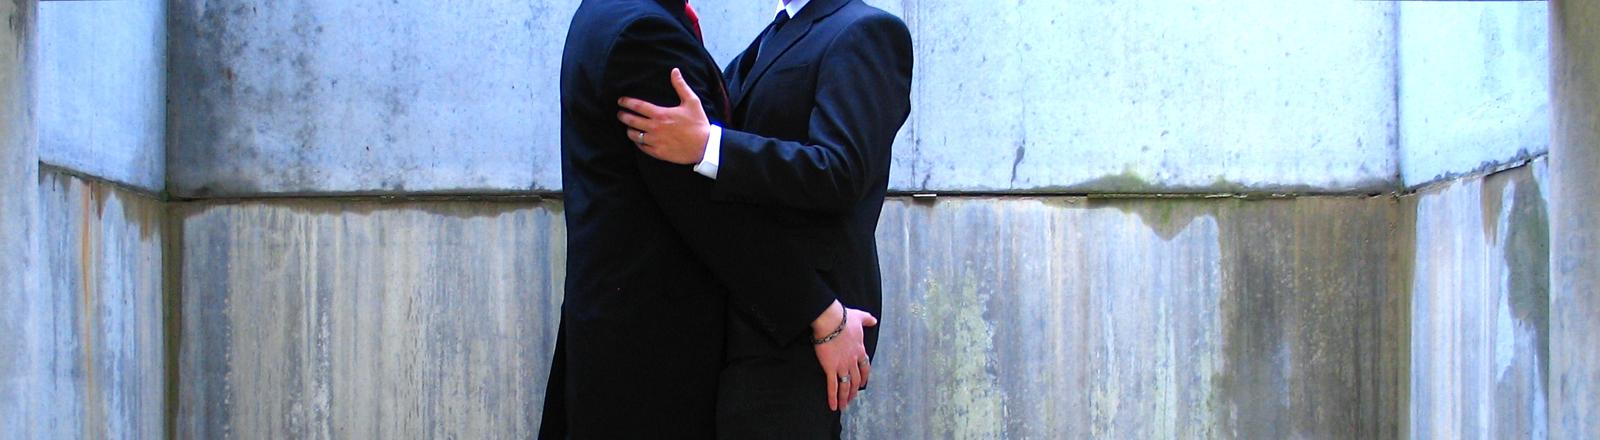 Paar in Business-Kleidung umarmt sich